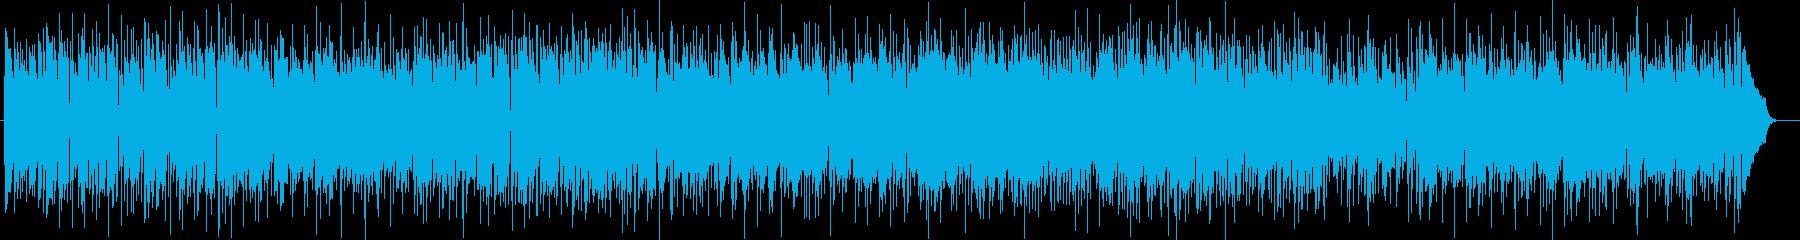 明るく弾けるシンセサイザー曲の再生済みの波形